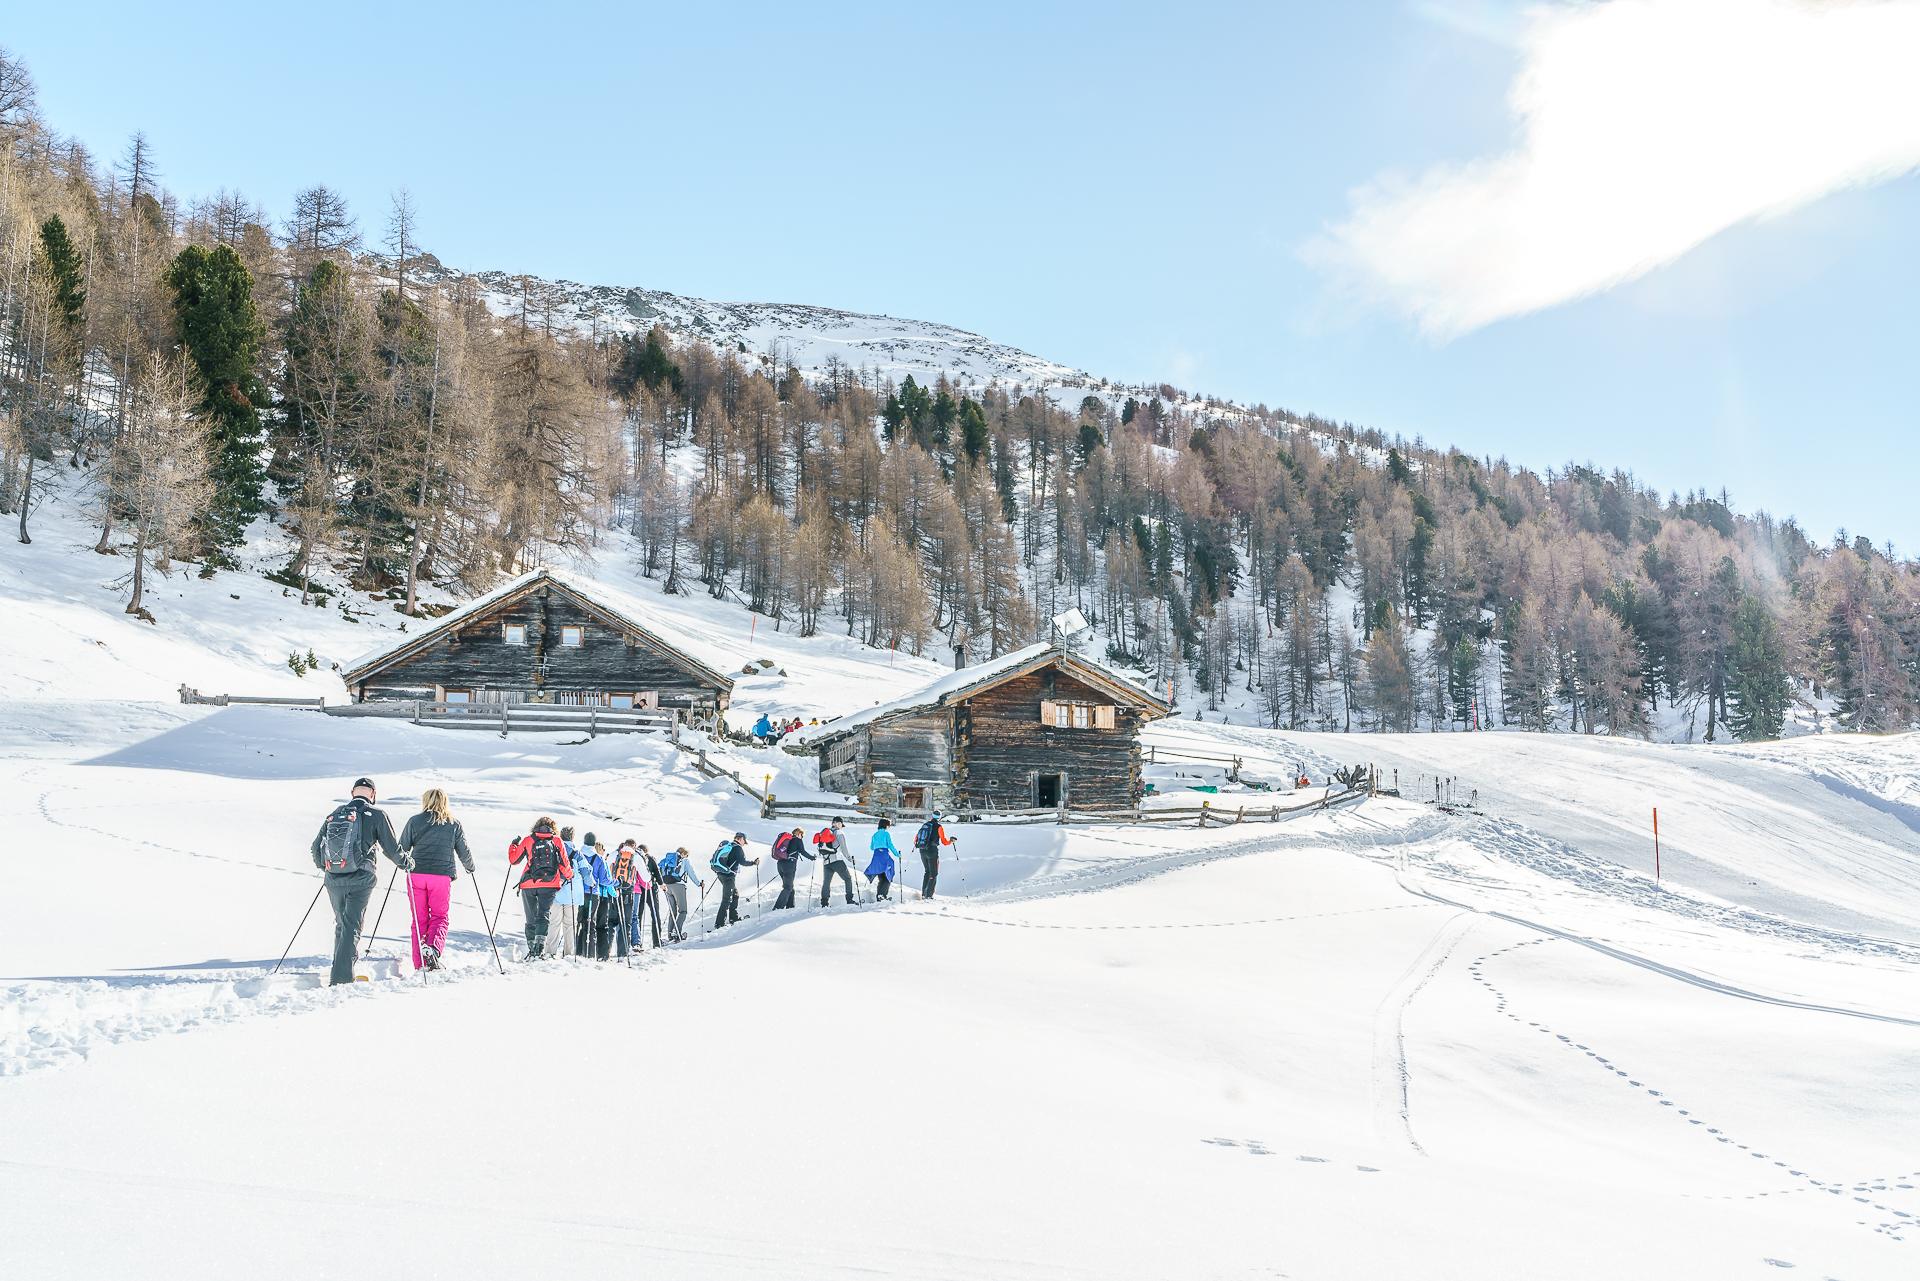 Senntum-Kulinarisches-schneeschuhlaufen-Visperterminen